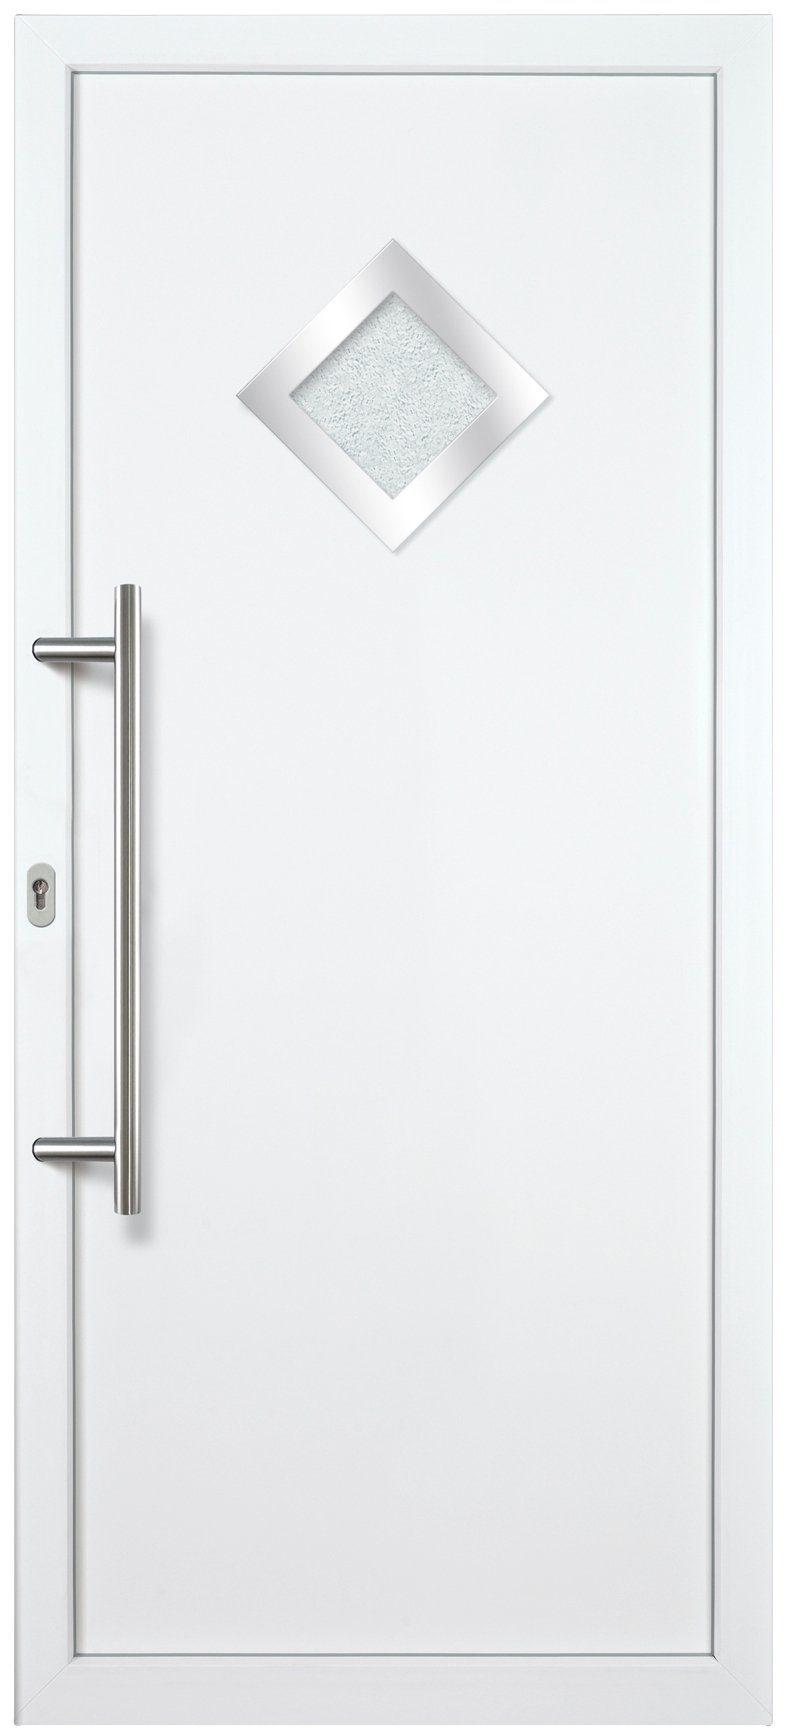 Kunststoff-Haustür »KA632 P« nach Wunschmaß, Türanschlag rechts